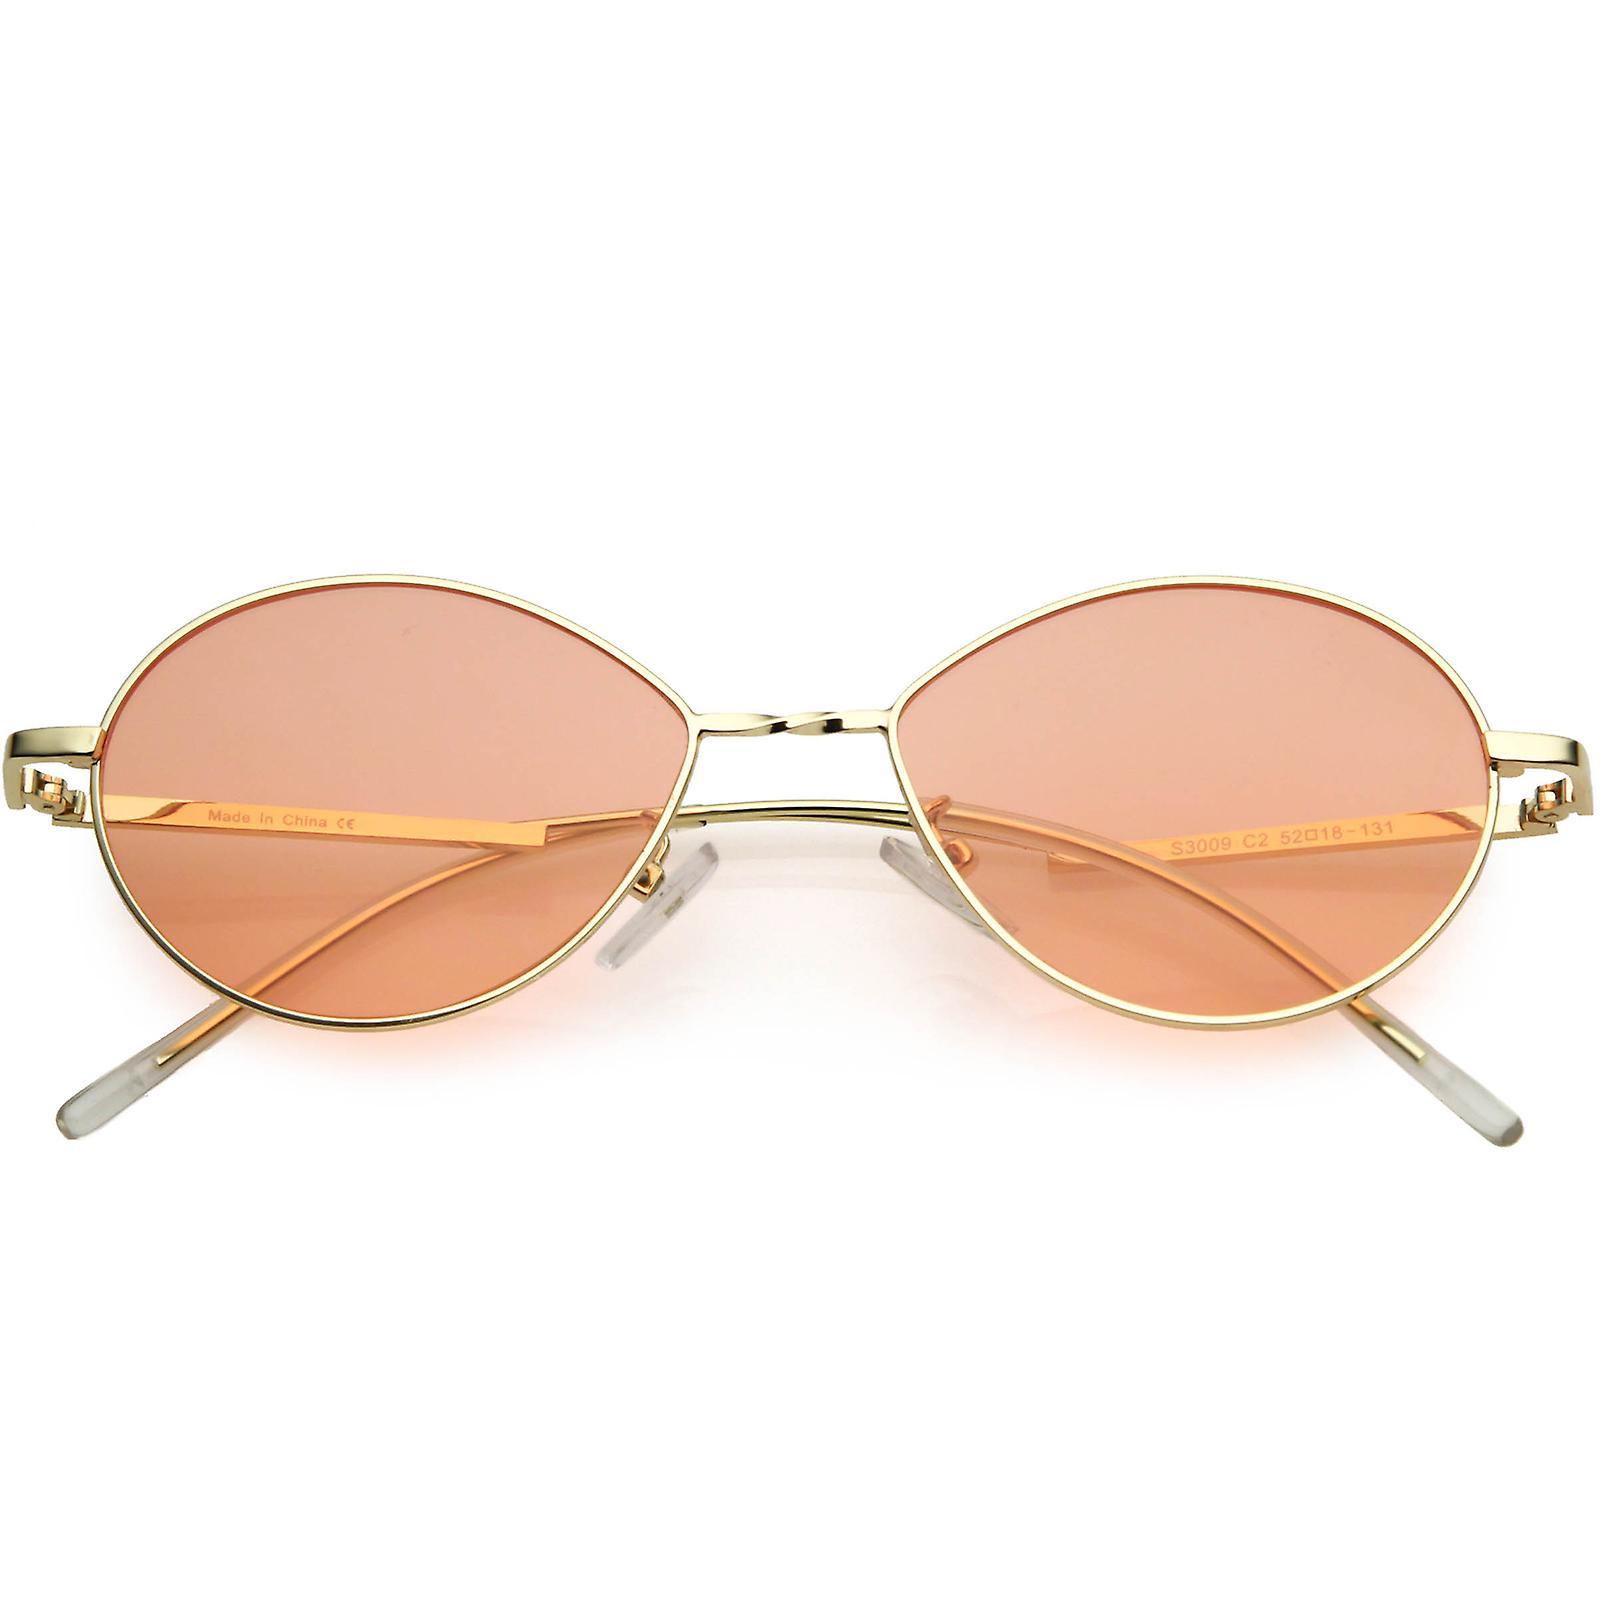 Små retro farge fargede linser gull metallramme ovale solbriller 50mm